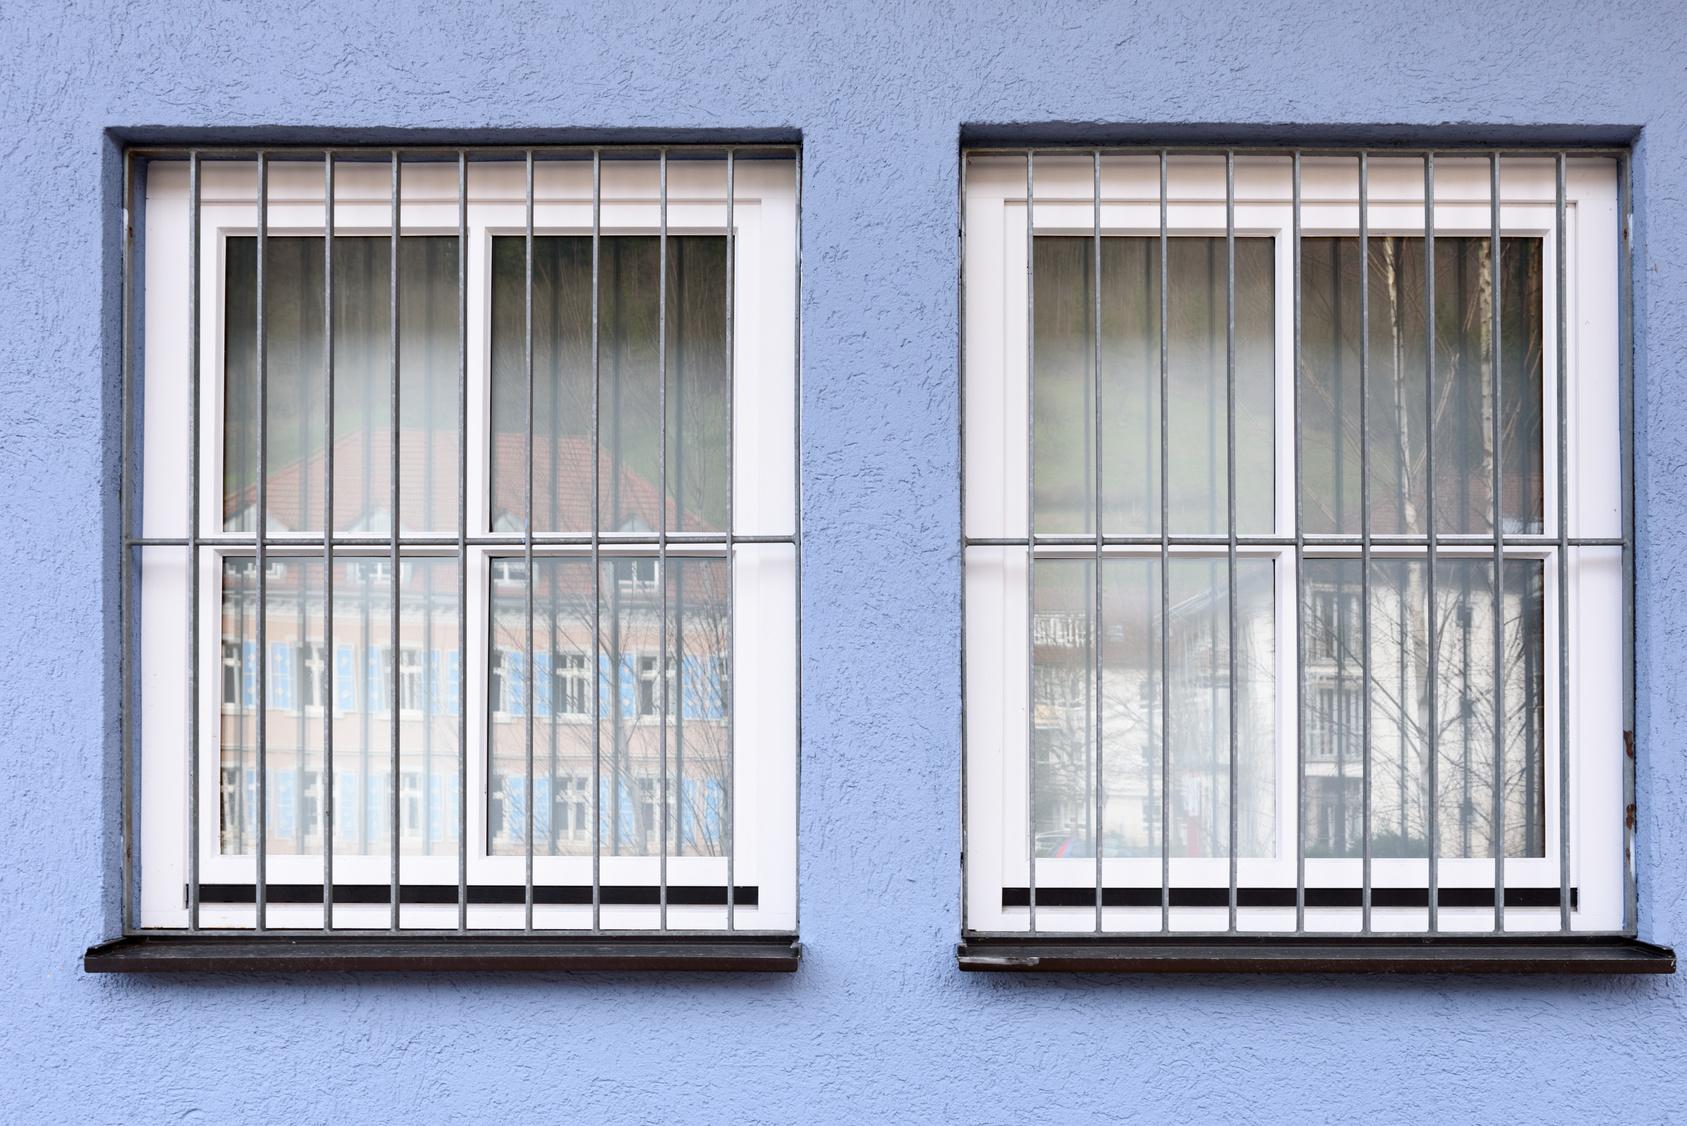 Fenster einbruchschutz for Einbruchschutz fur fenster